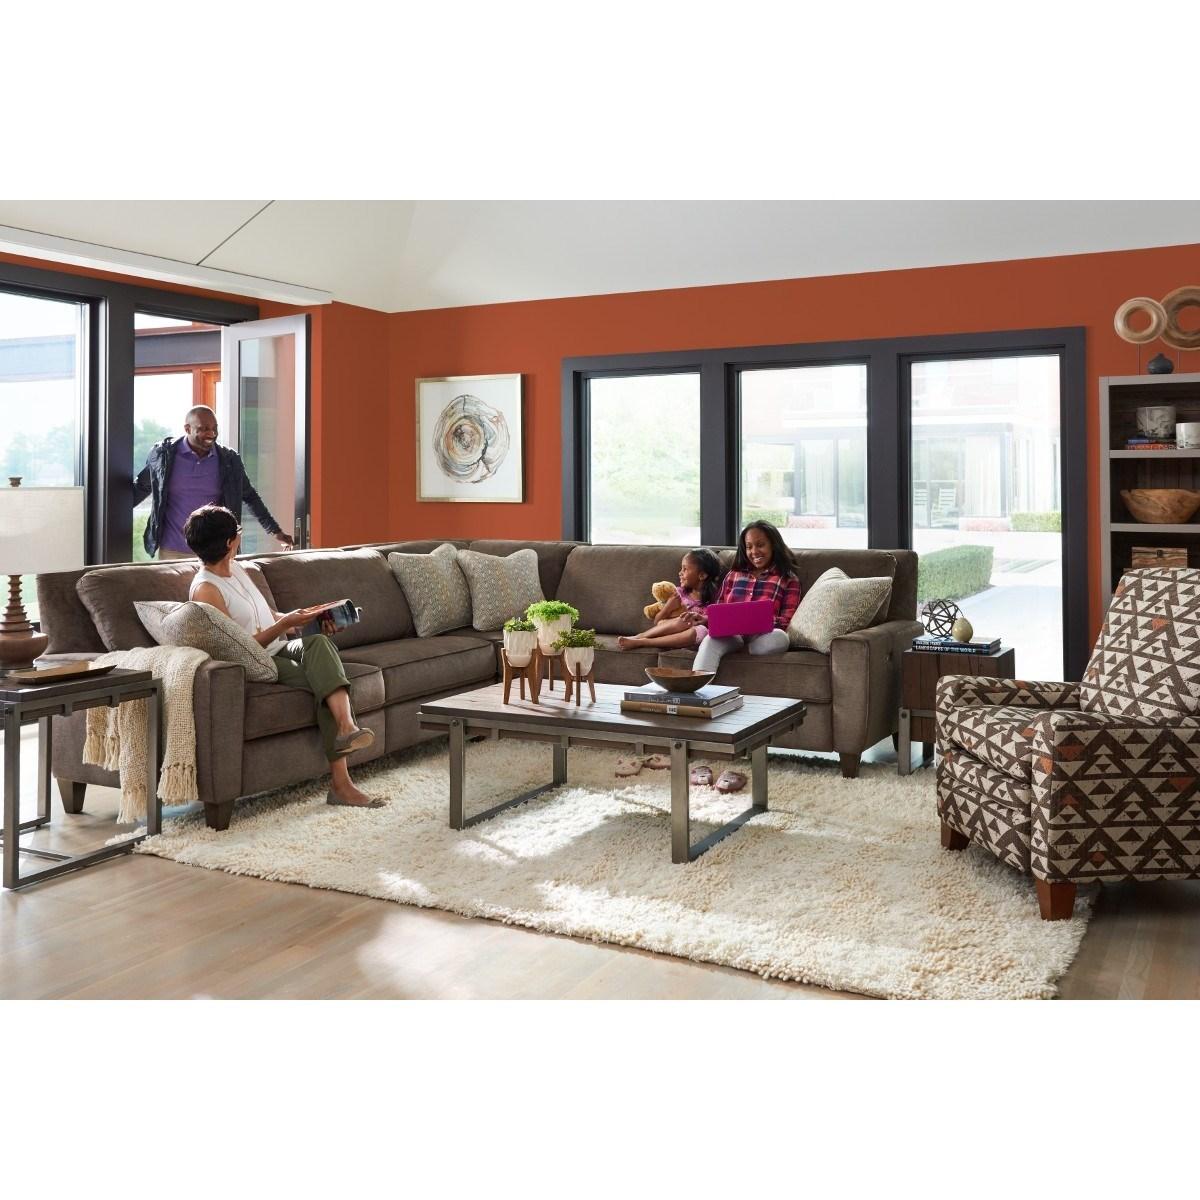 La Z Boy Edie Three Piece Power Reclining Sectional Sofa